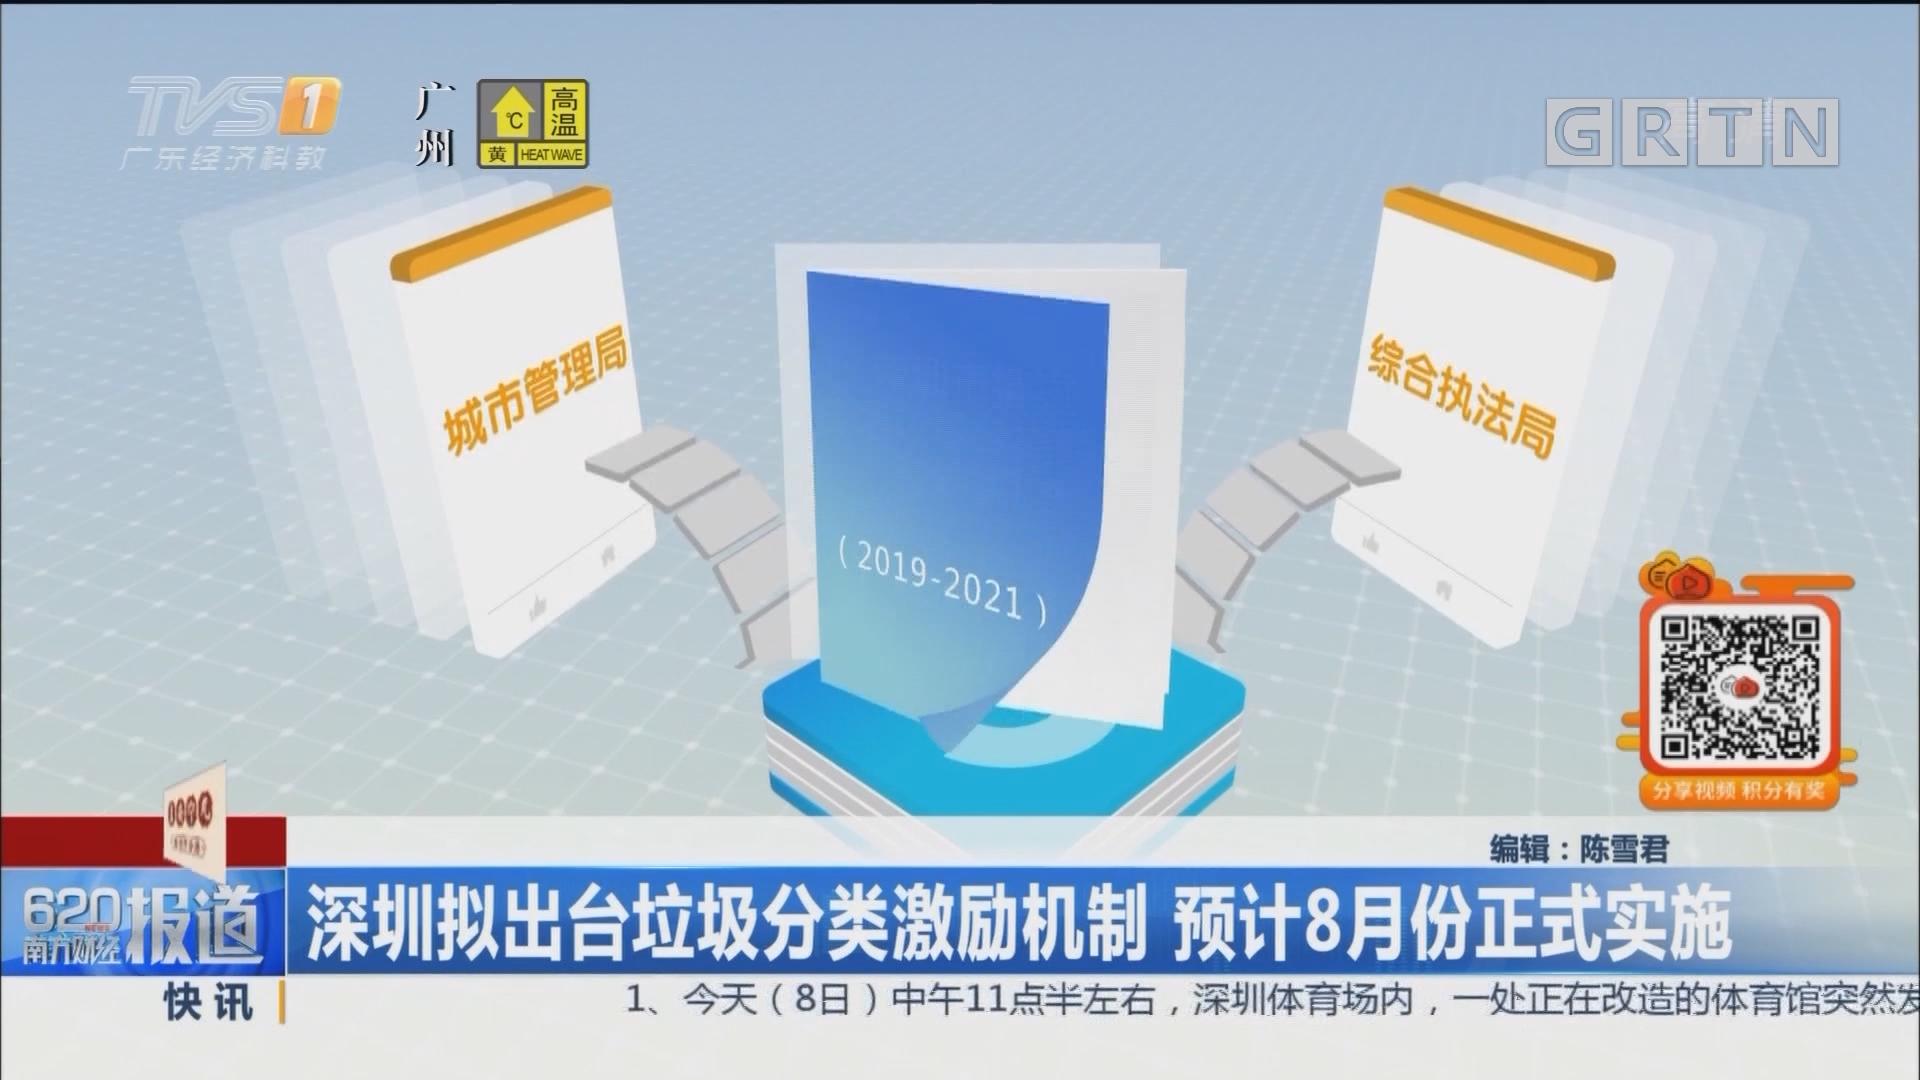 深圳拟出台垃圾分类激励机制 预计8月份正式实施